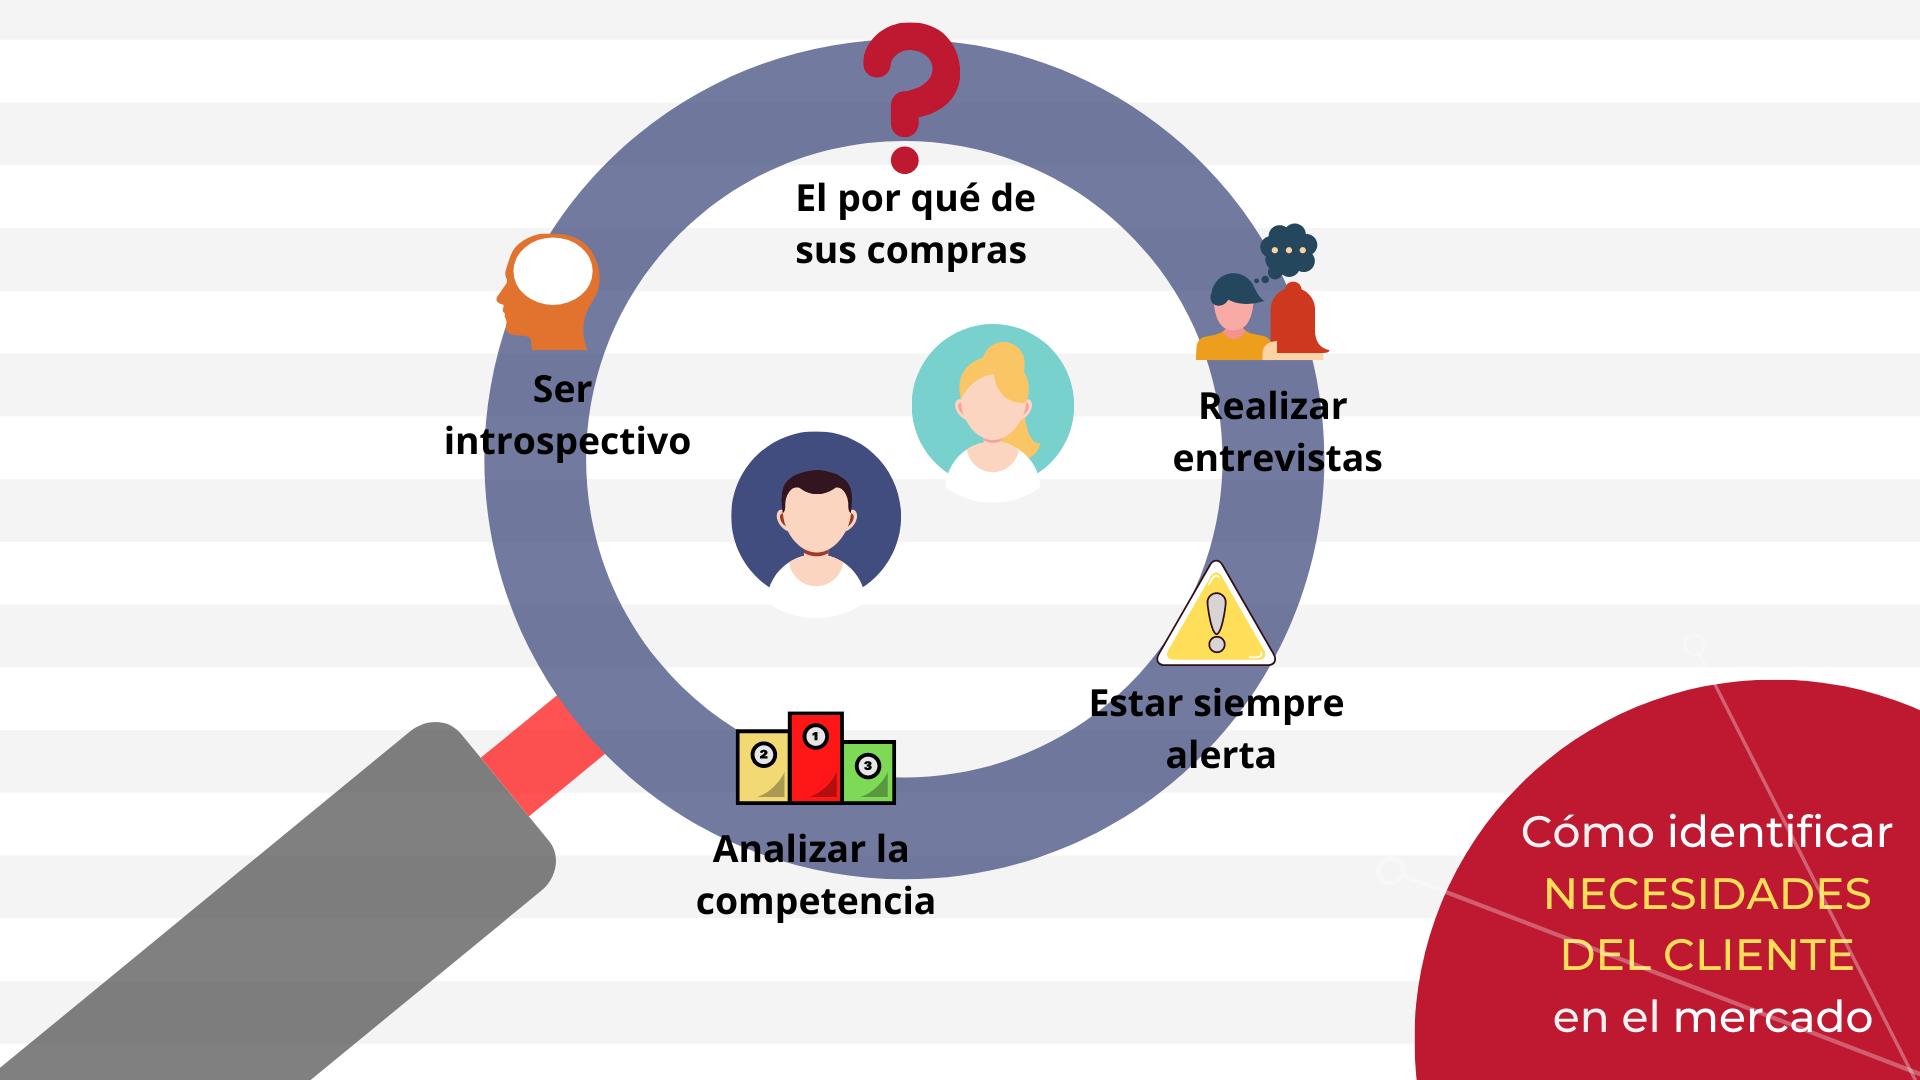 Cómo identificar necesidades del cliente en el mercado